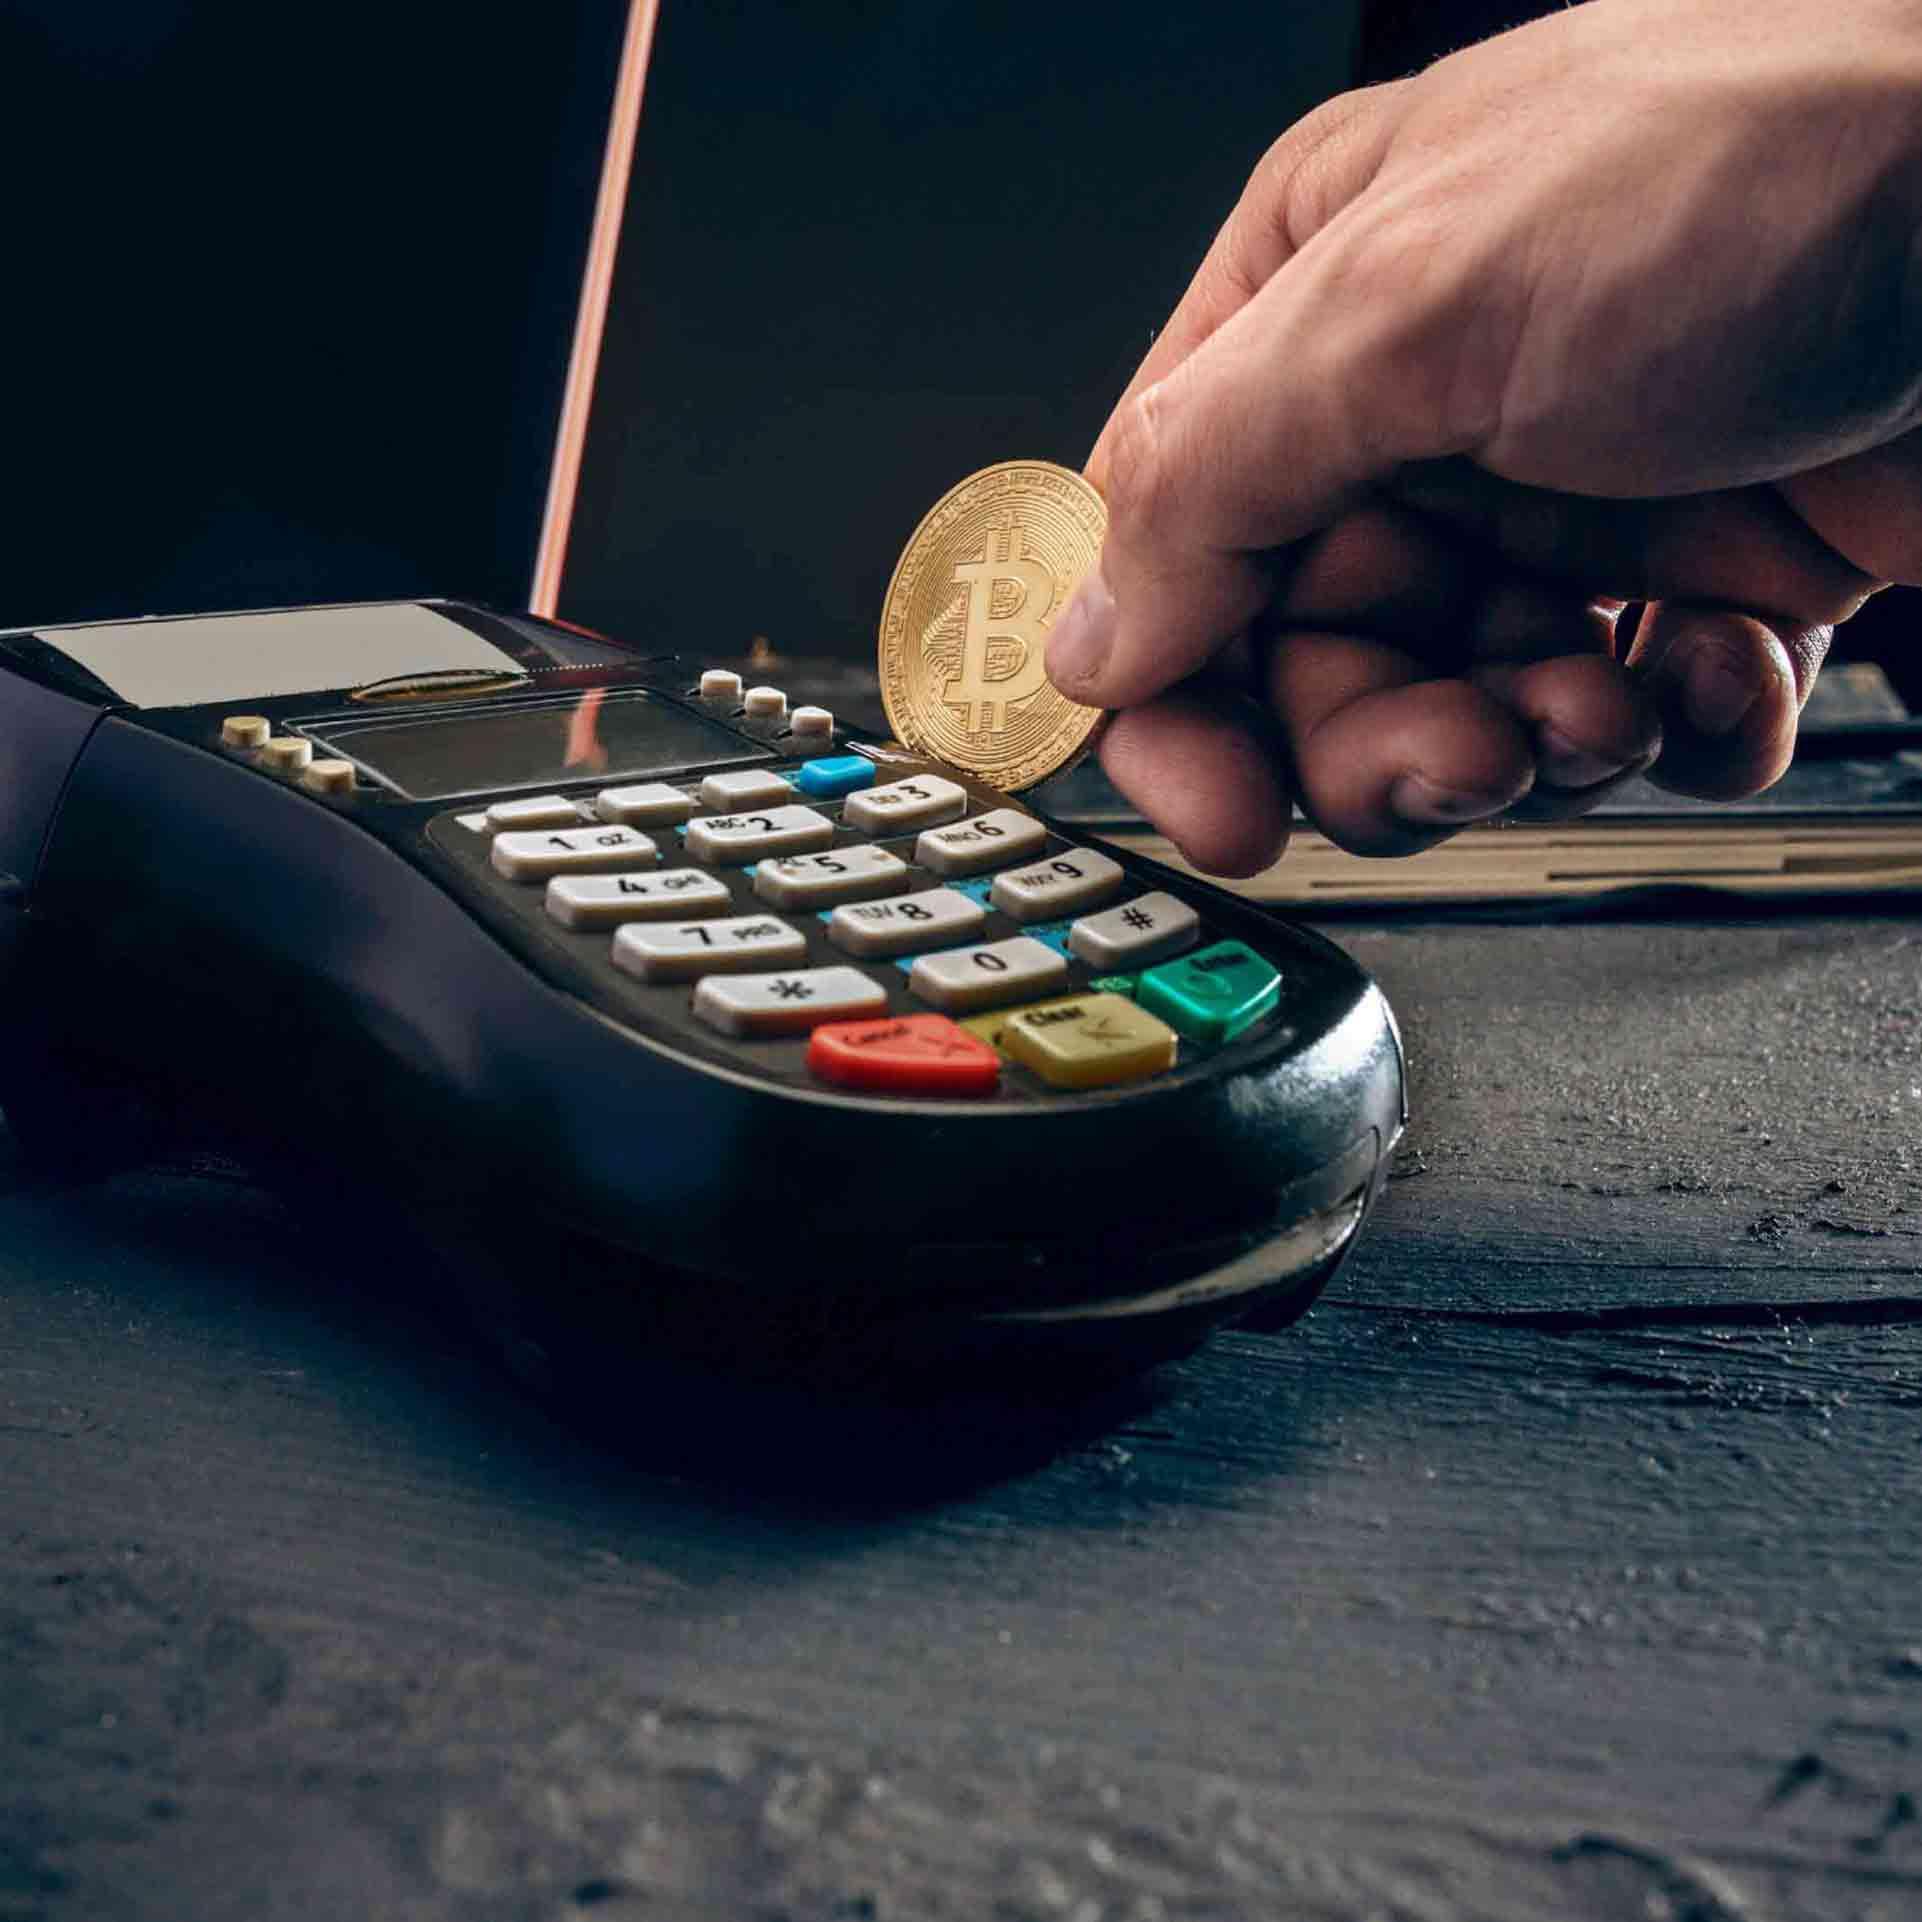 افزایش حمایت مالی از دیجیتال بیت کوین کش